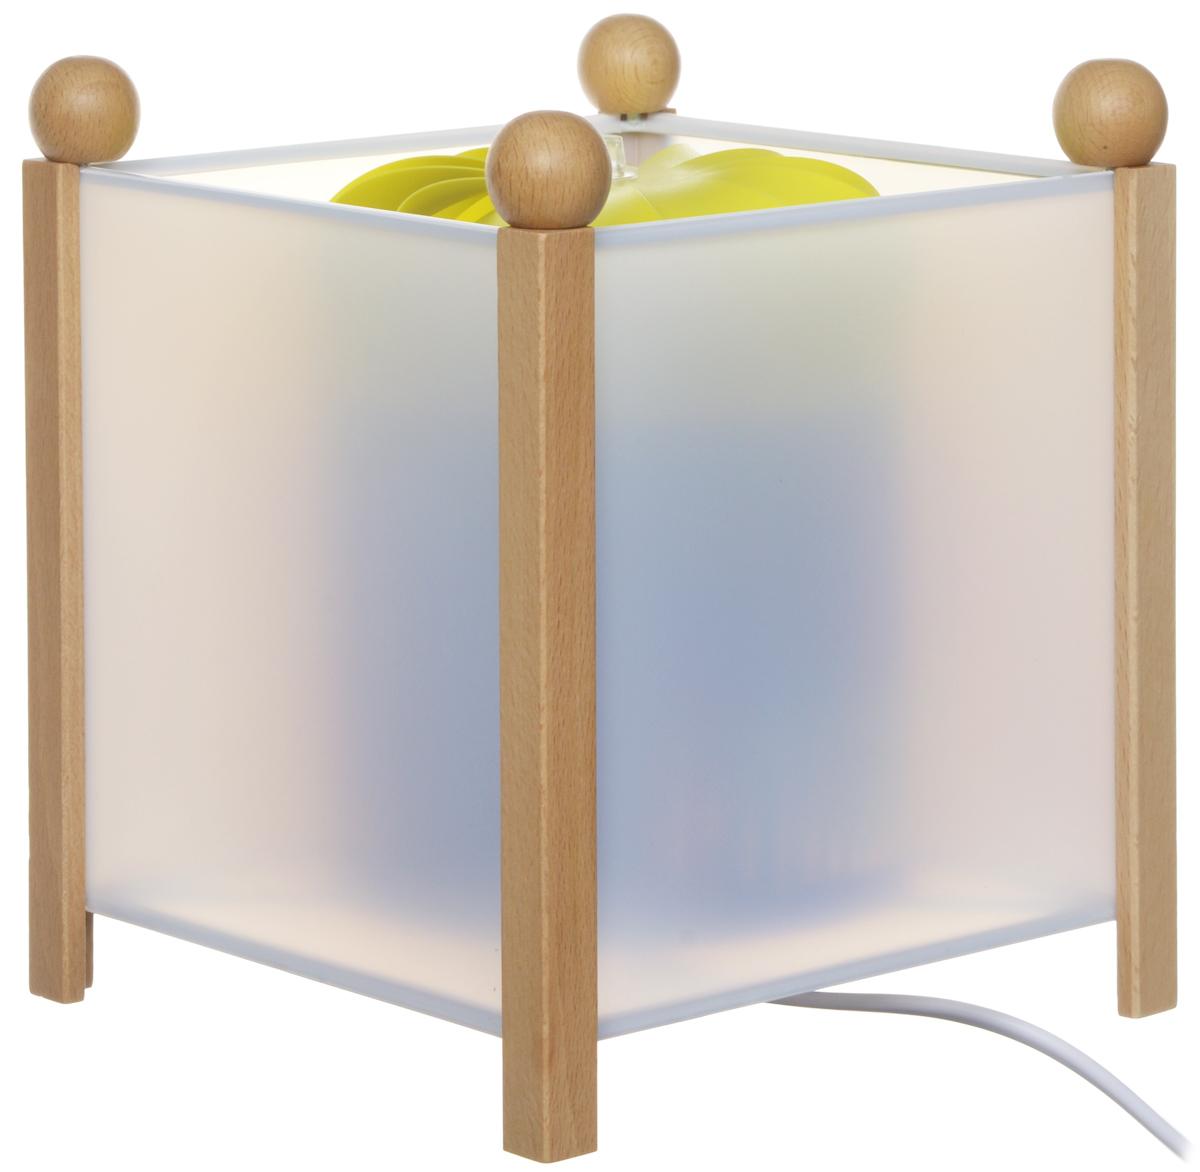 Trousselier Светильник-ночник с проектором The Beach4332 12VСветильник-ночник с проектором Trousselier The Beach - идеальный аксессуар для детской комнаты. Нежный свет и красочные картинки с изображением пляжа и морских обитателей создадут атмосферу уюта, успокоят и убаюкают кроху. Вы можете подобрать картинку, а также музыкальную подставку с подзаводом (опция). Ночник с двойной функцией - вращающаяся картинка внутри, либо как проектор на стену. Цилиндр ночника вращается благодаря системе нагрева от лампочки 12V-10W, цоколь E 14. Тип розетки: C. Соответствует нормам безопасности: CE EN 60598-2-10. Материал: металл, дерево, жароустойчивый пластик. В комплект входит светильник, сетевой адаптер.